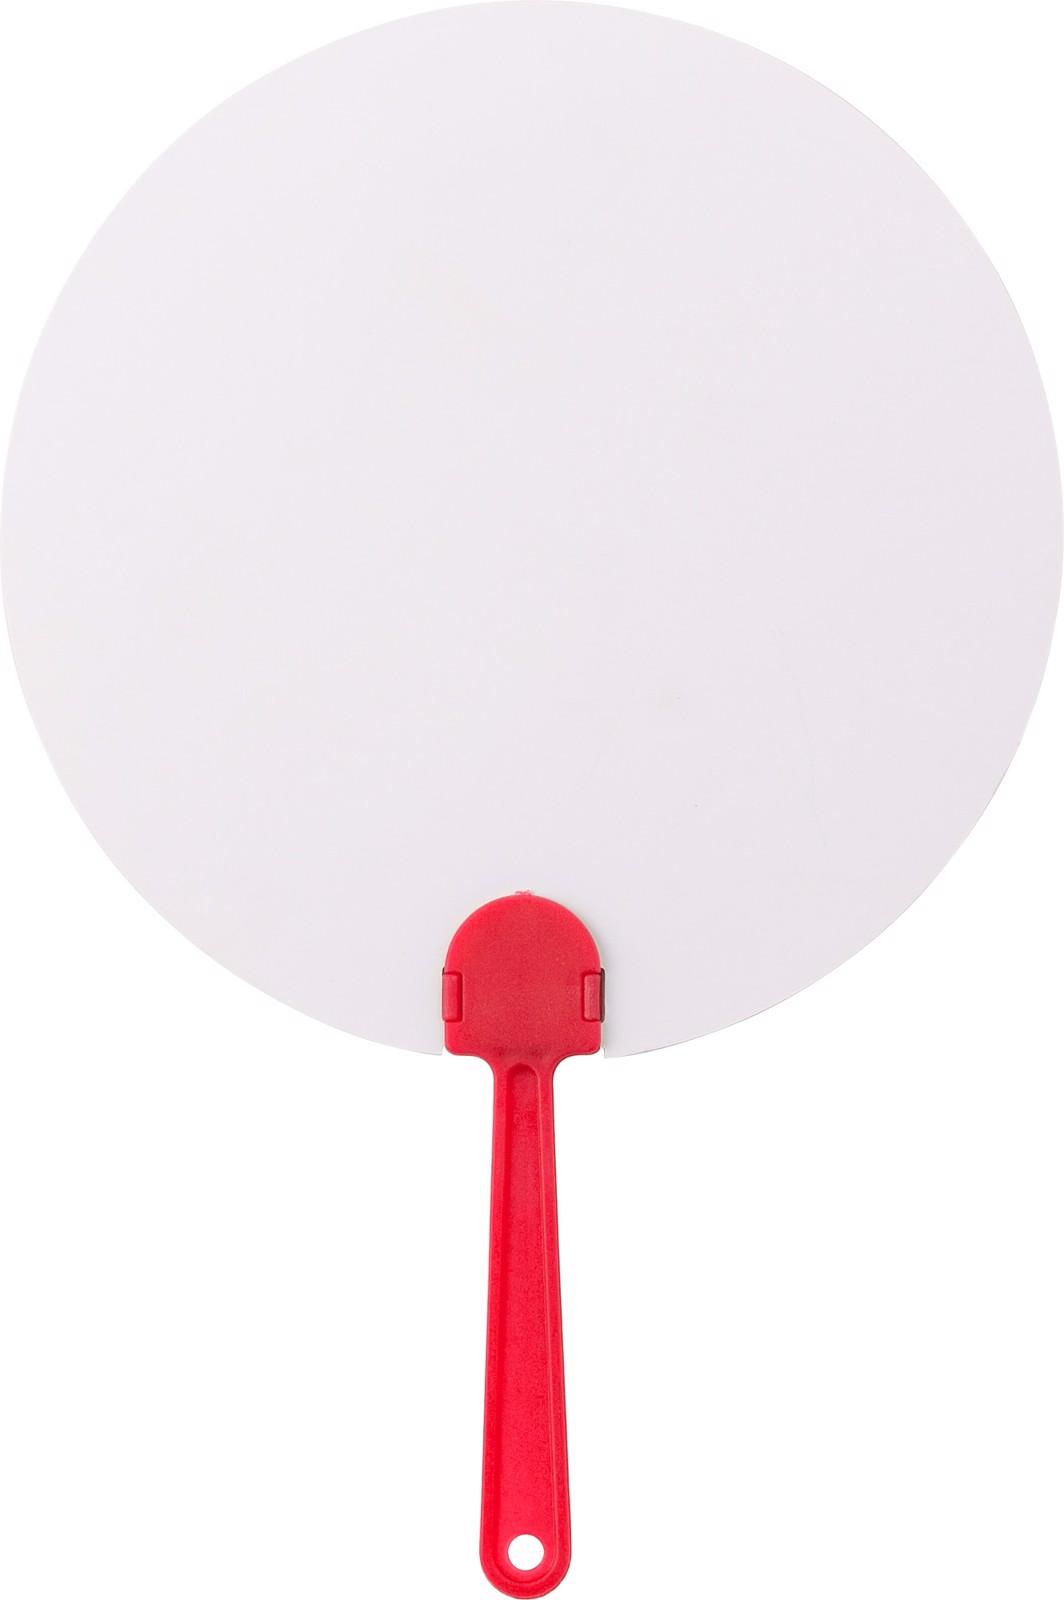 Paper hand fan - Red